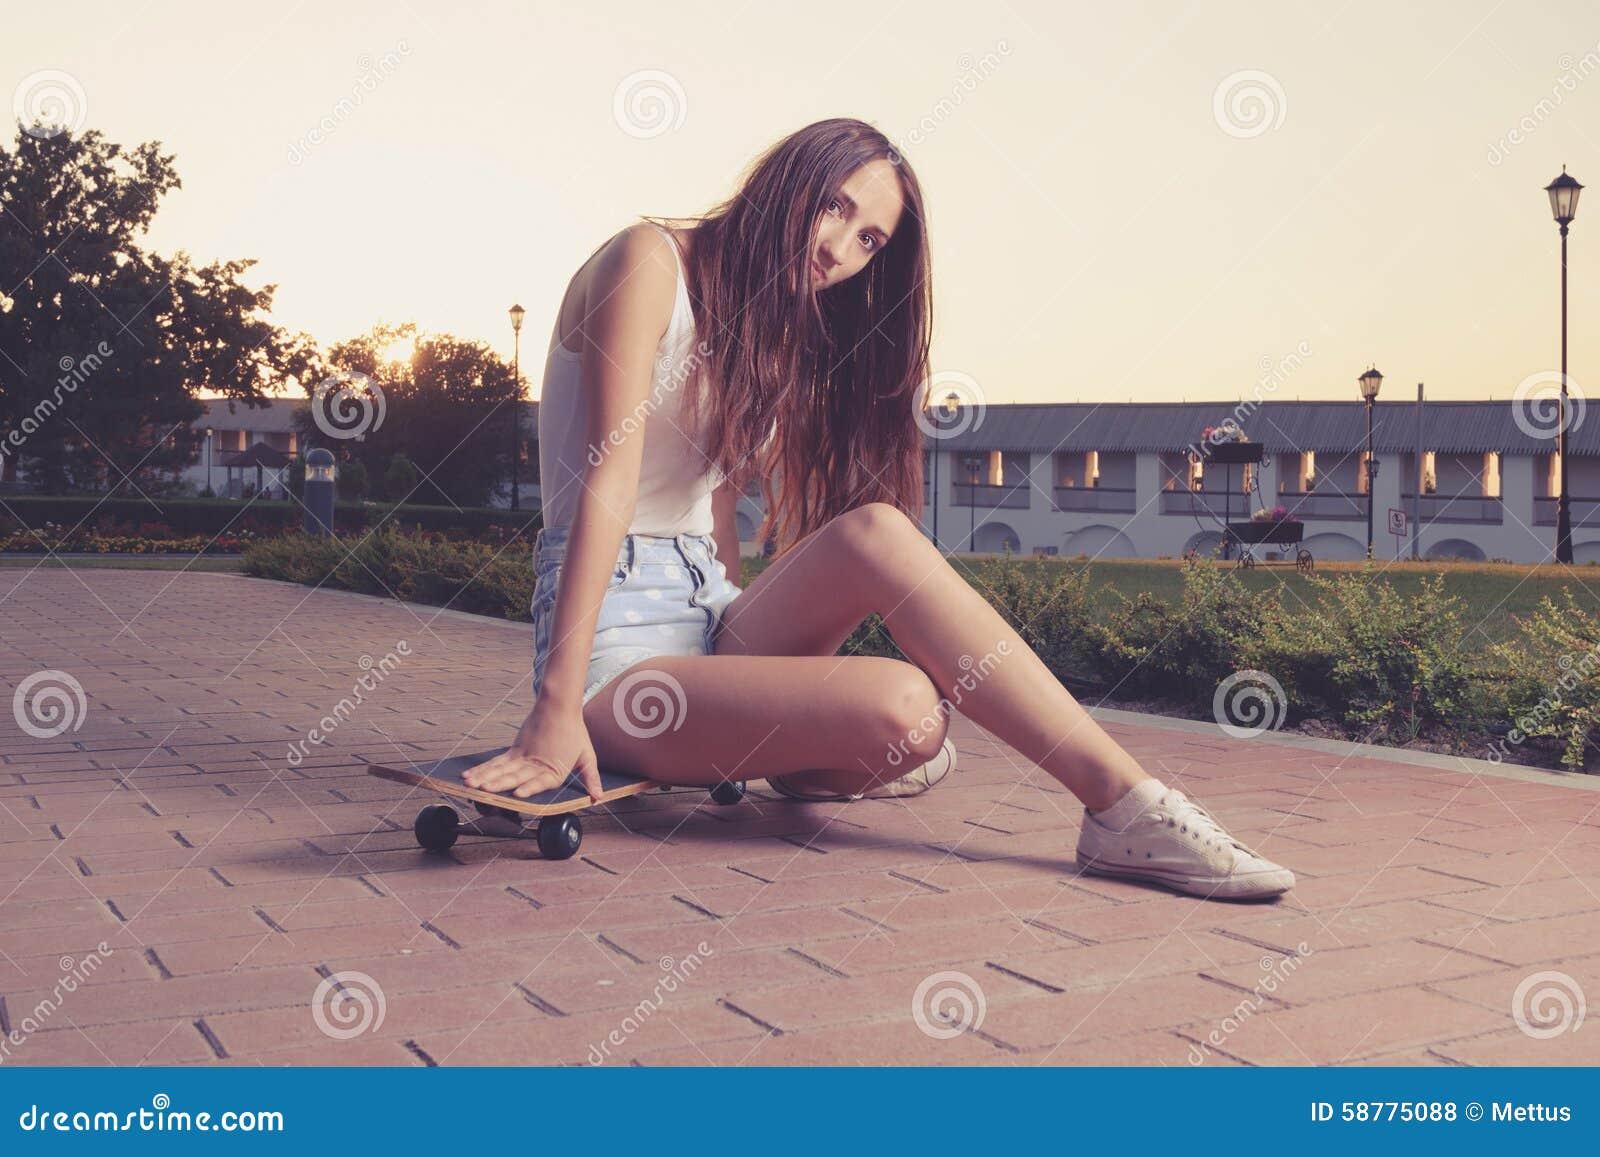 Девушка сидит в инстаграм